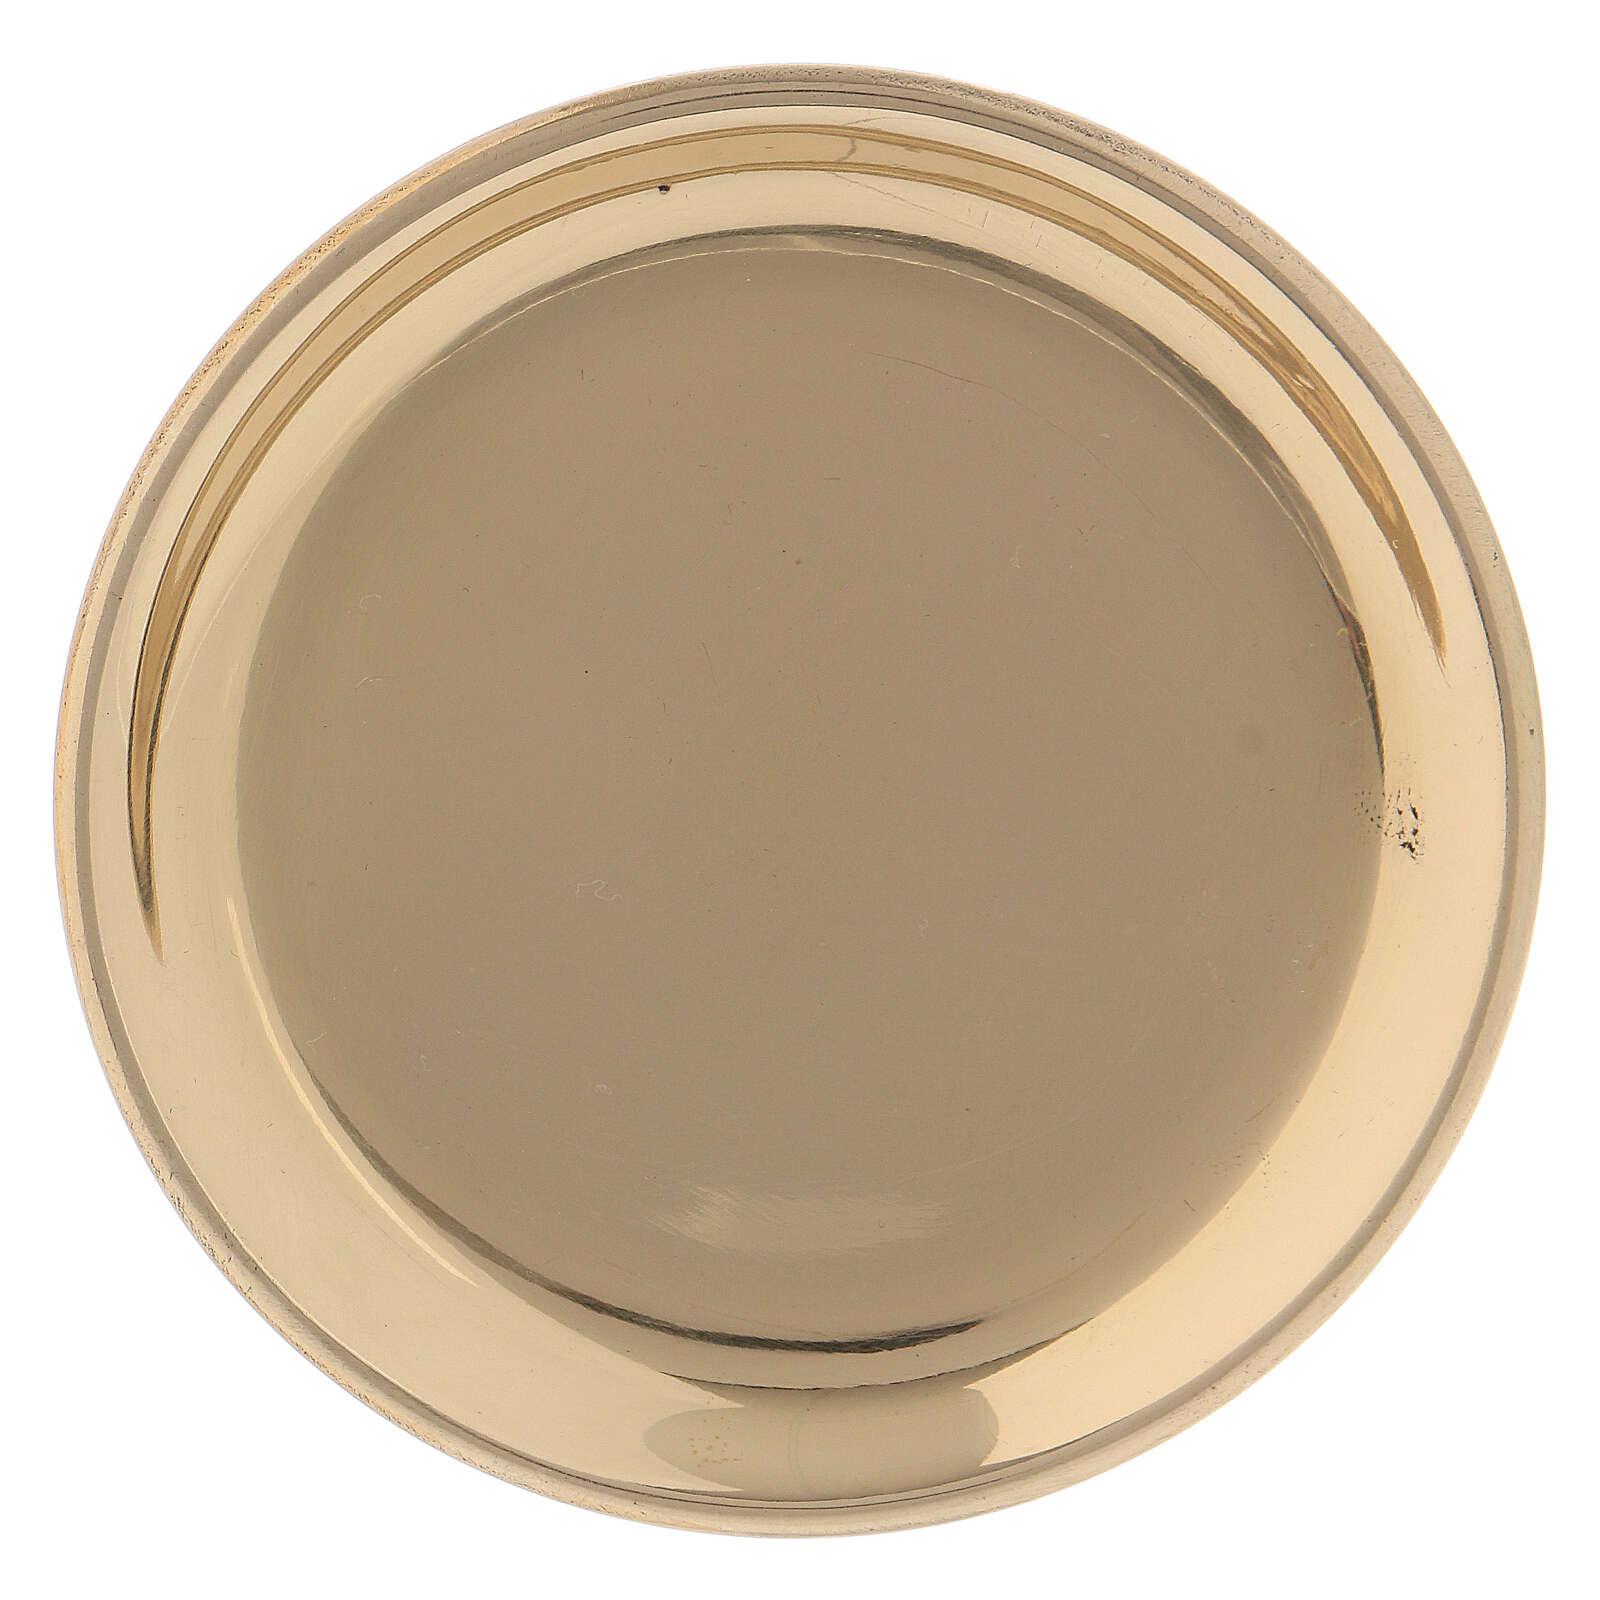 Prato redondo latão dourado 10 cm 3